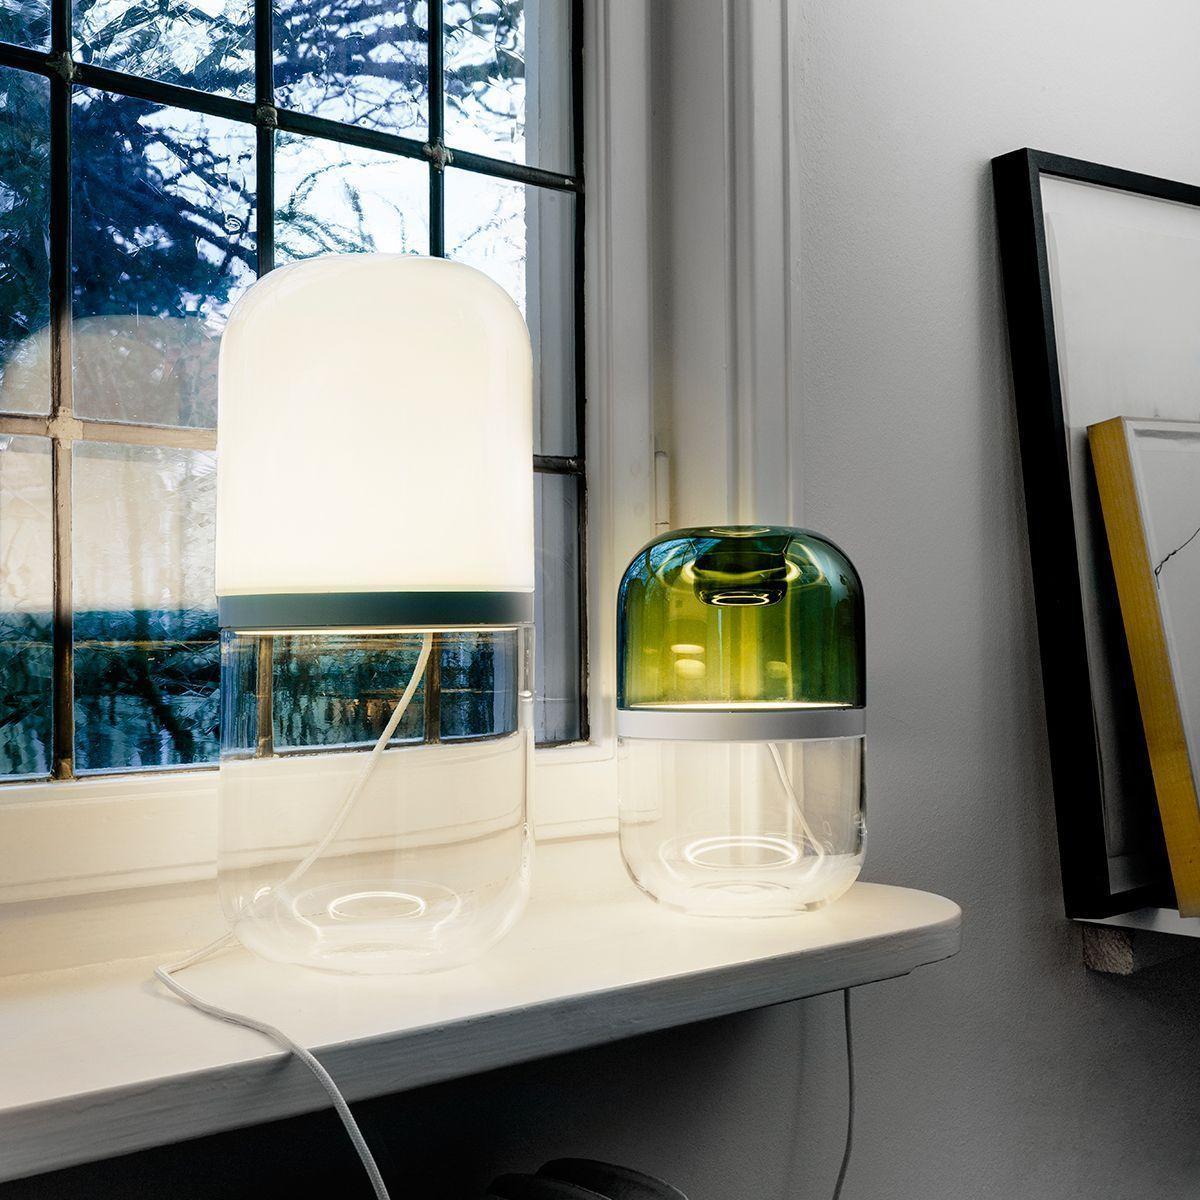 Lámparas demi combinadas en un espacio